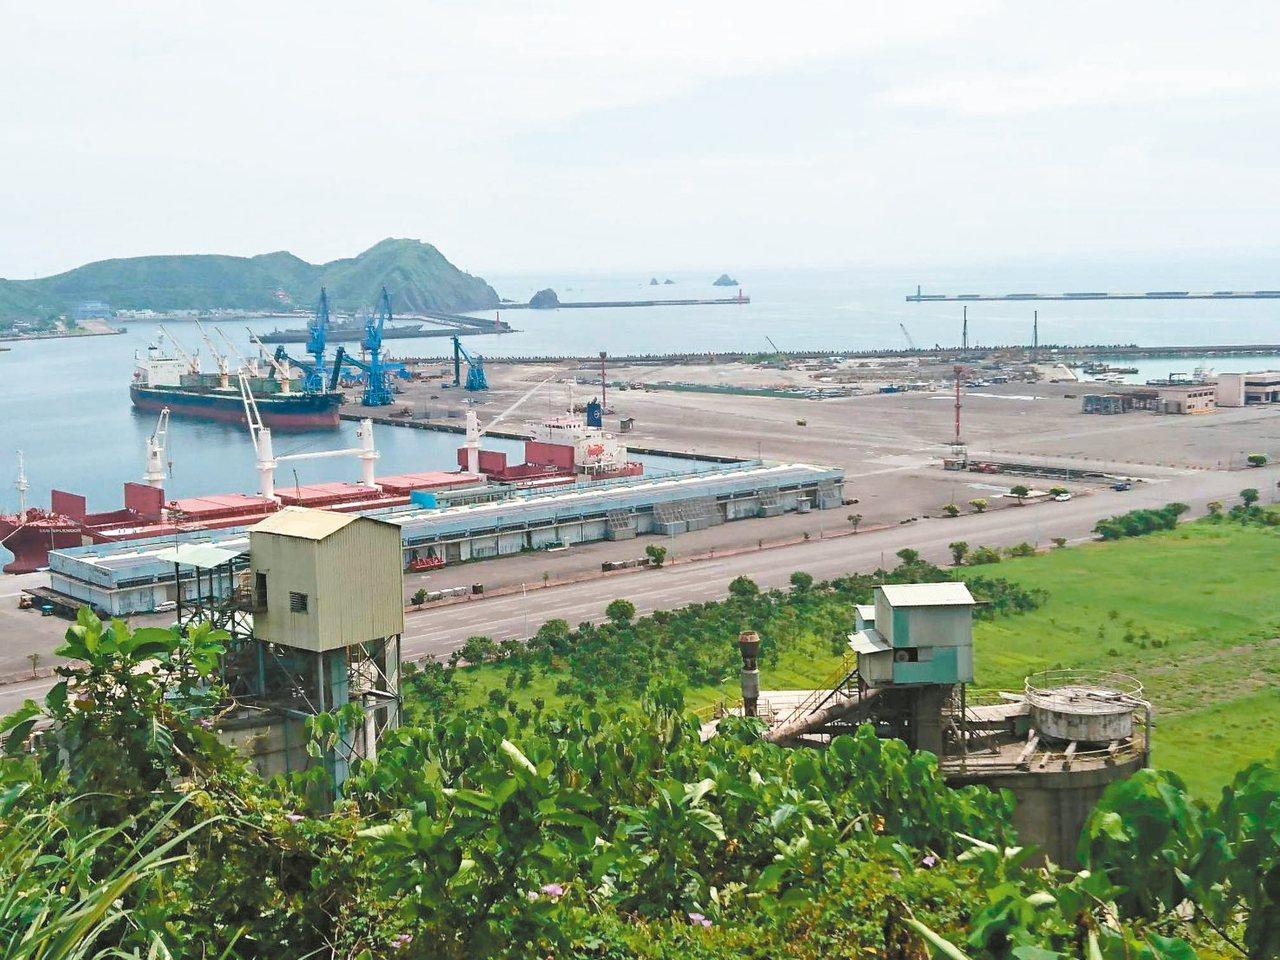 蘇澳砲台山居高臨下,可以俯視海港、太平洋。 記者羅建旺/攝影